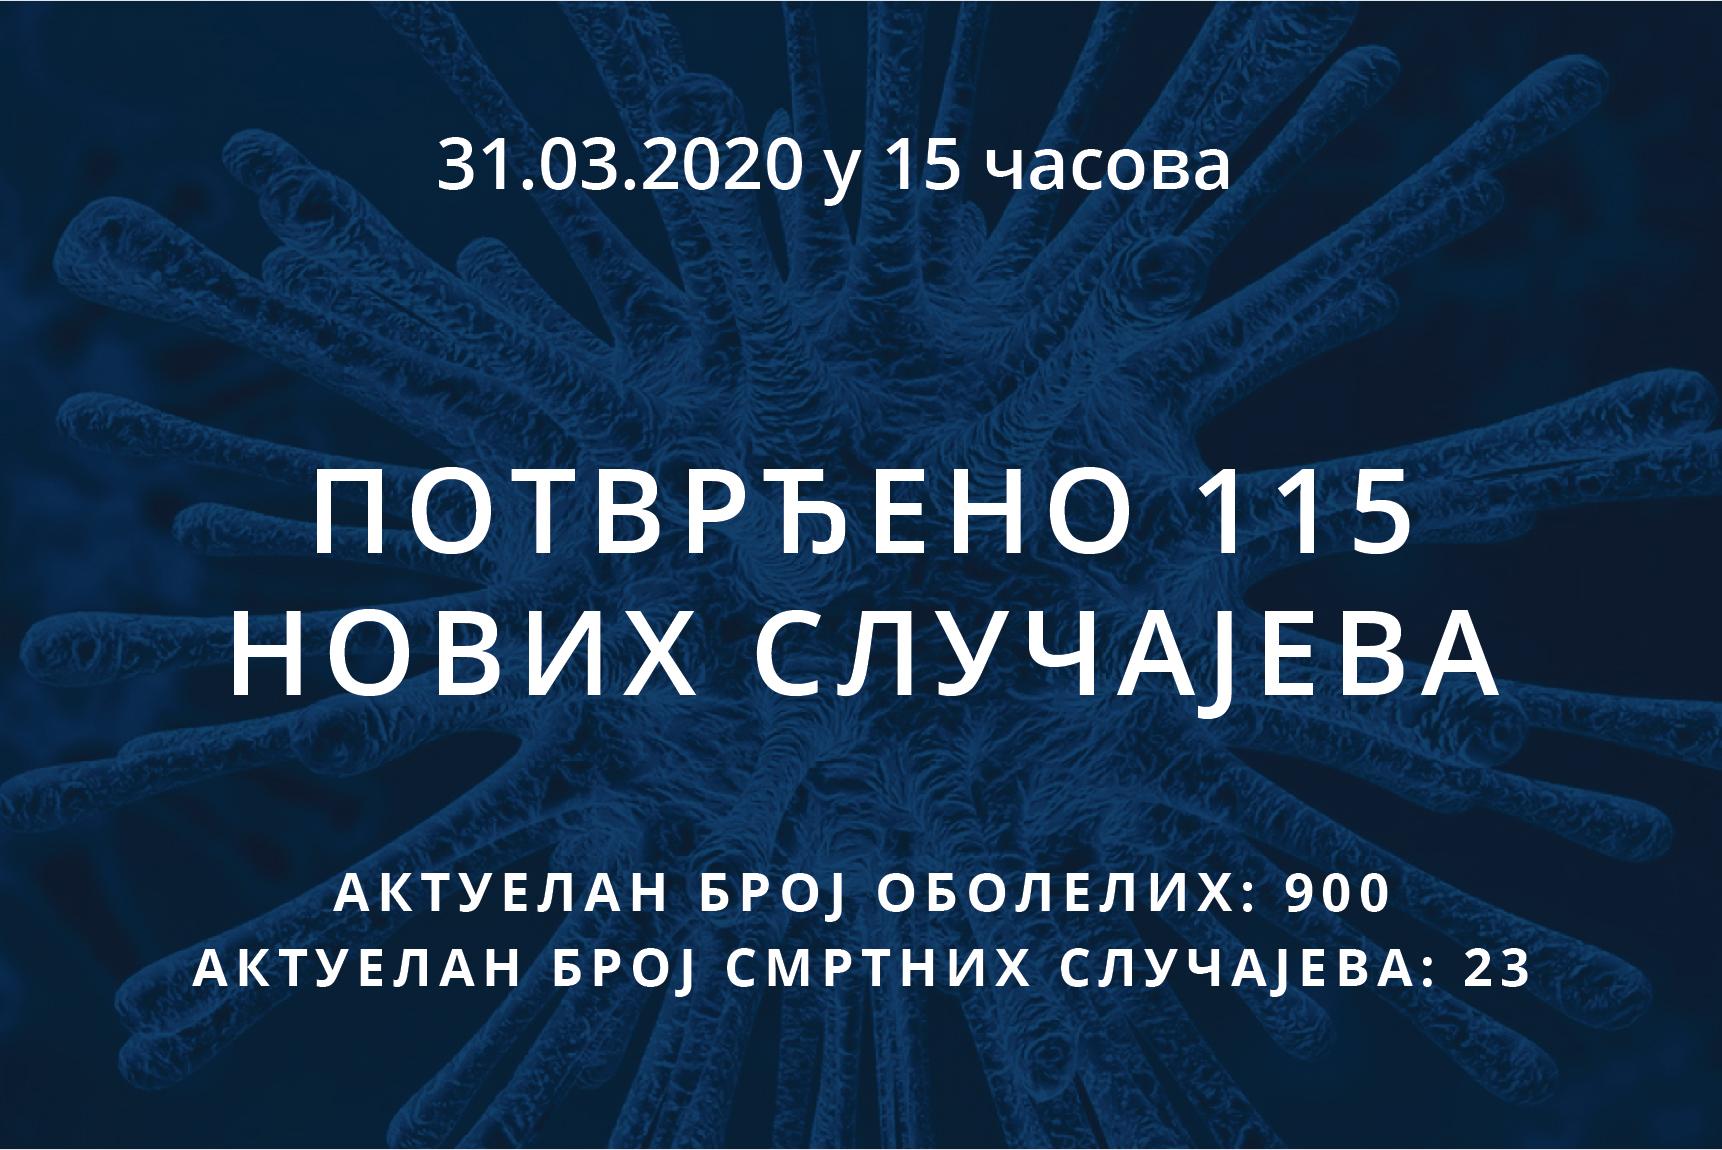 Информације о корона вирусу COVID-19, 31.03.2020 у 15 часова